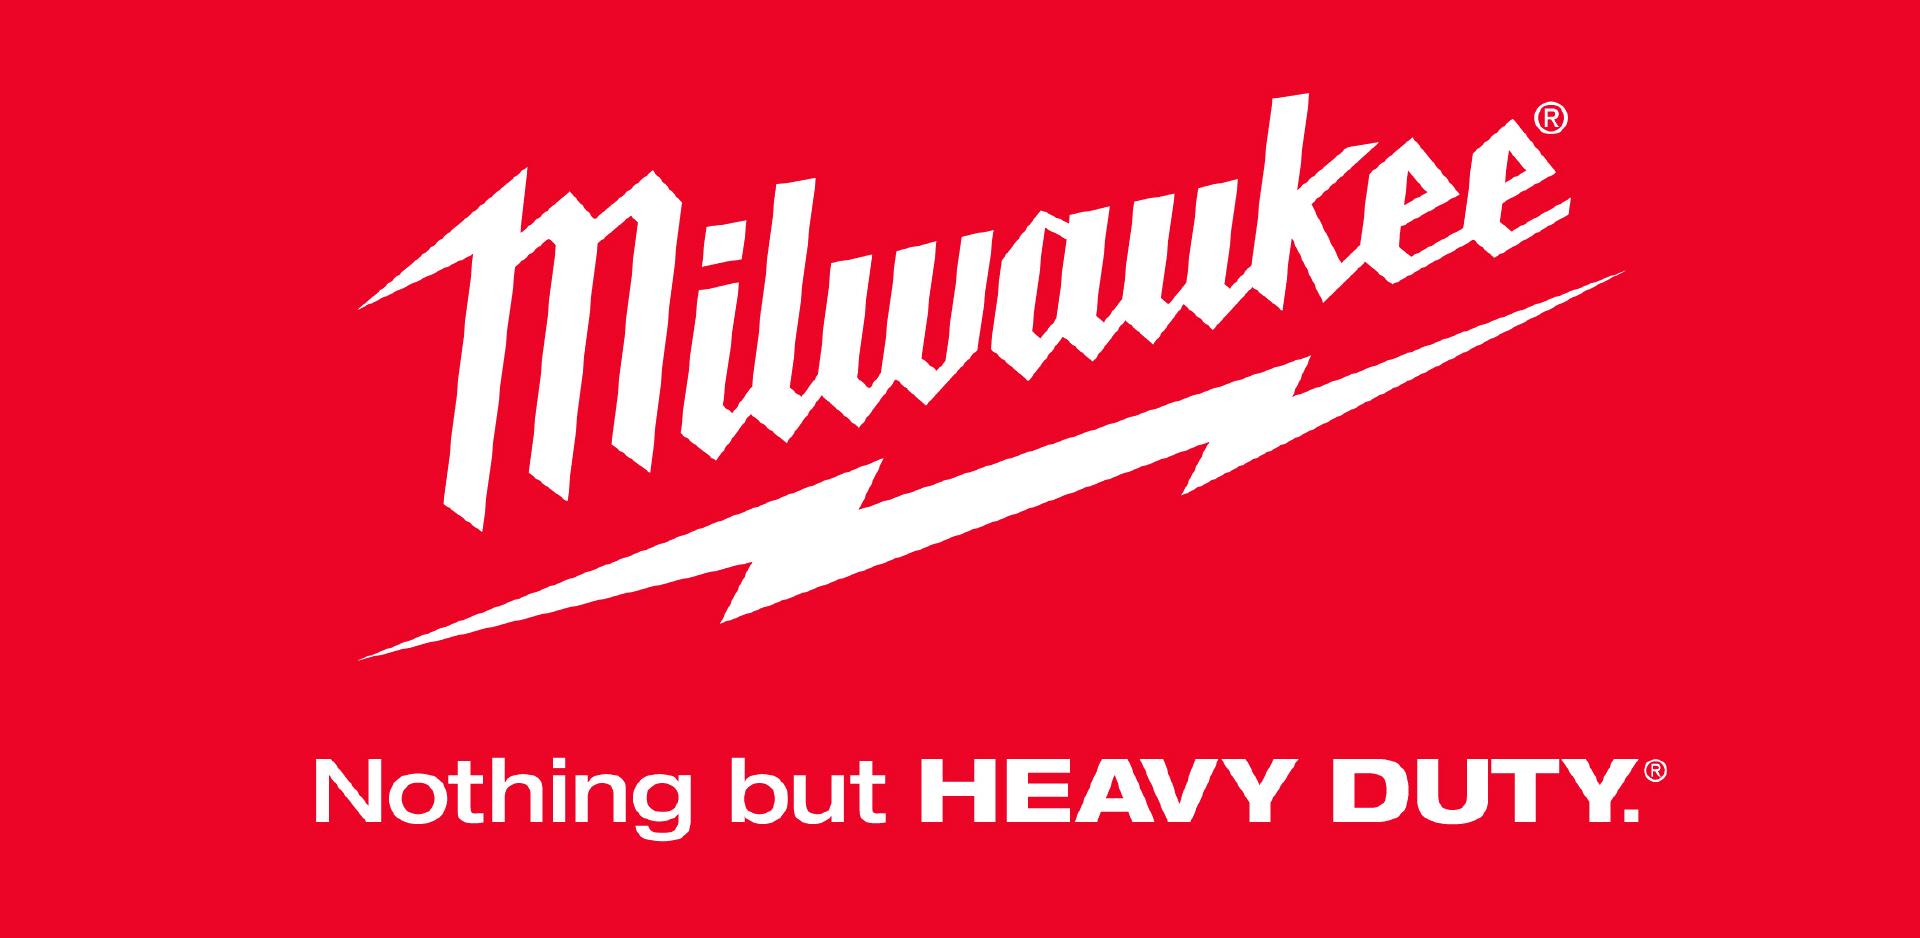 Histoire de la marque Milwaukee : perceuse et visseuse